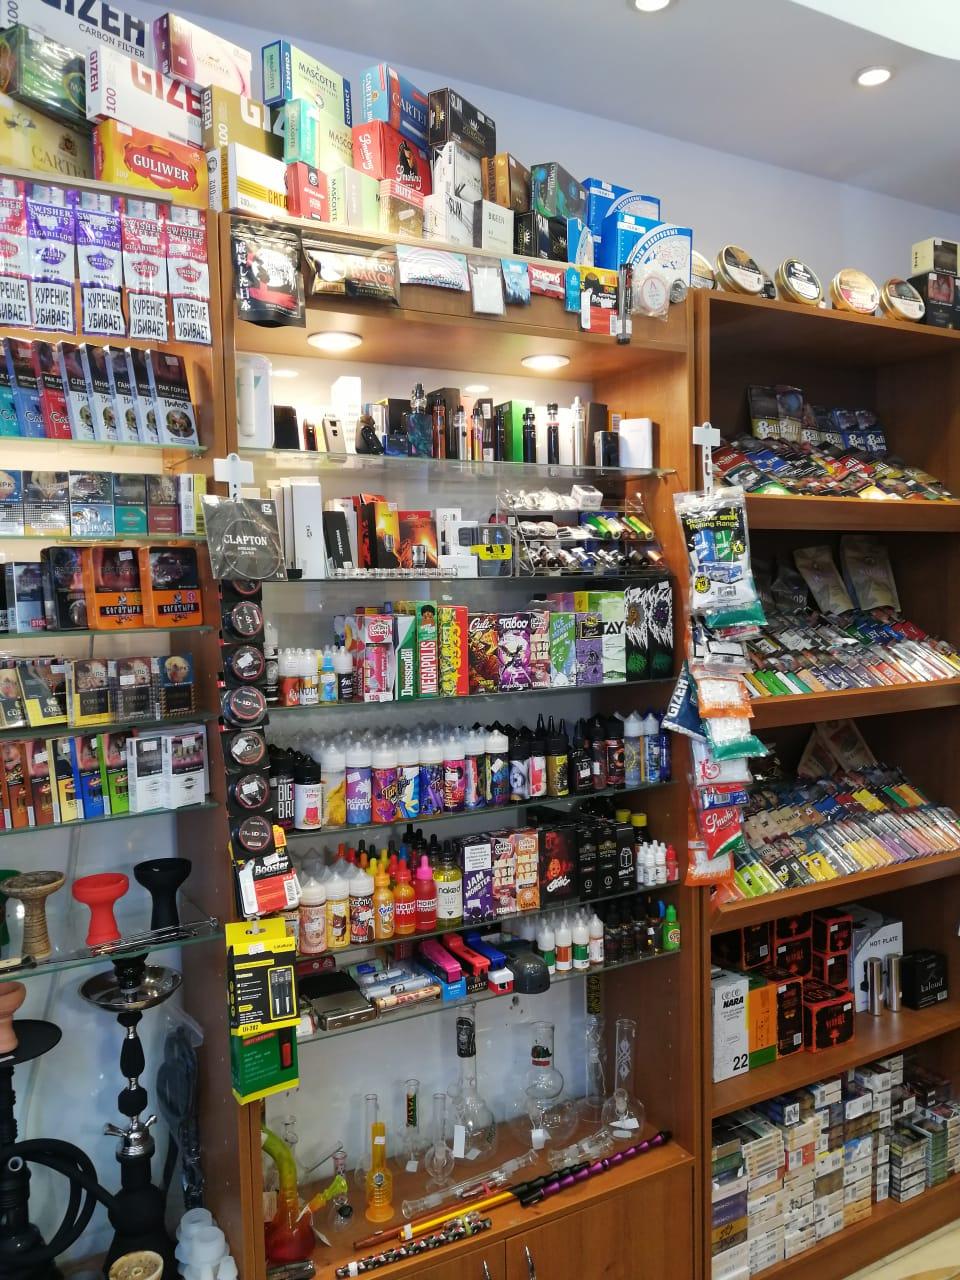 Продажа табачных изделий в магазинах егошка купить электронная сигарета